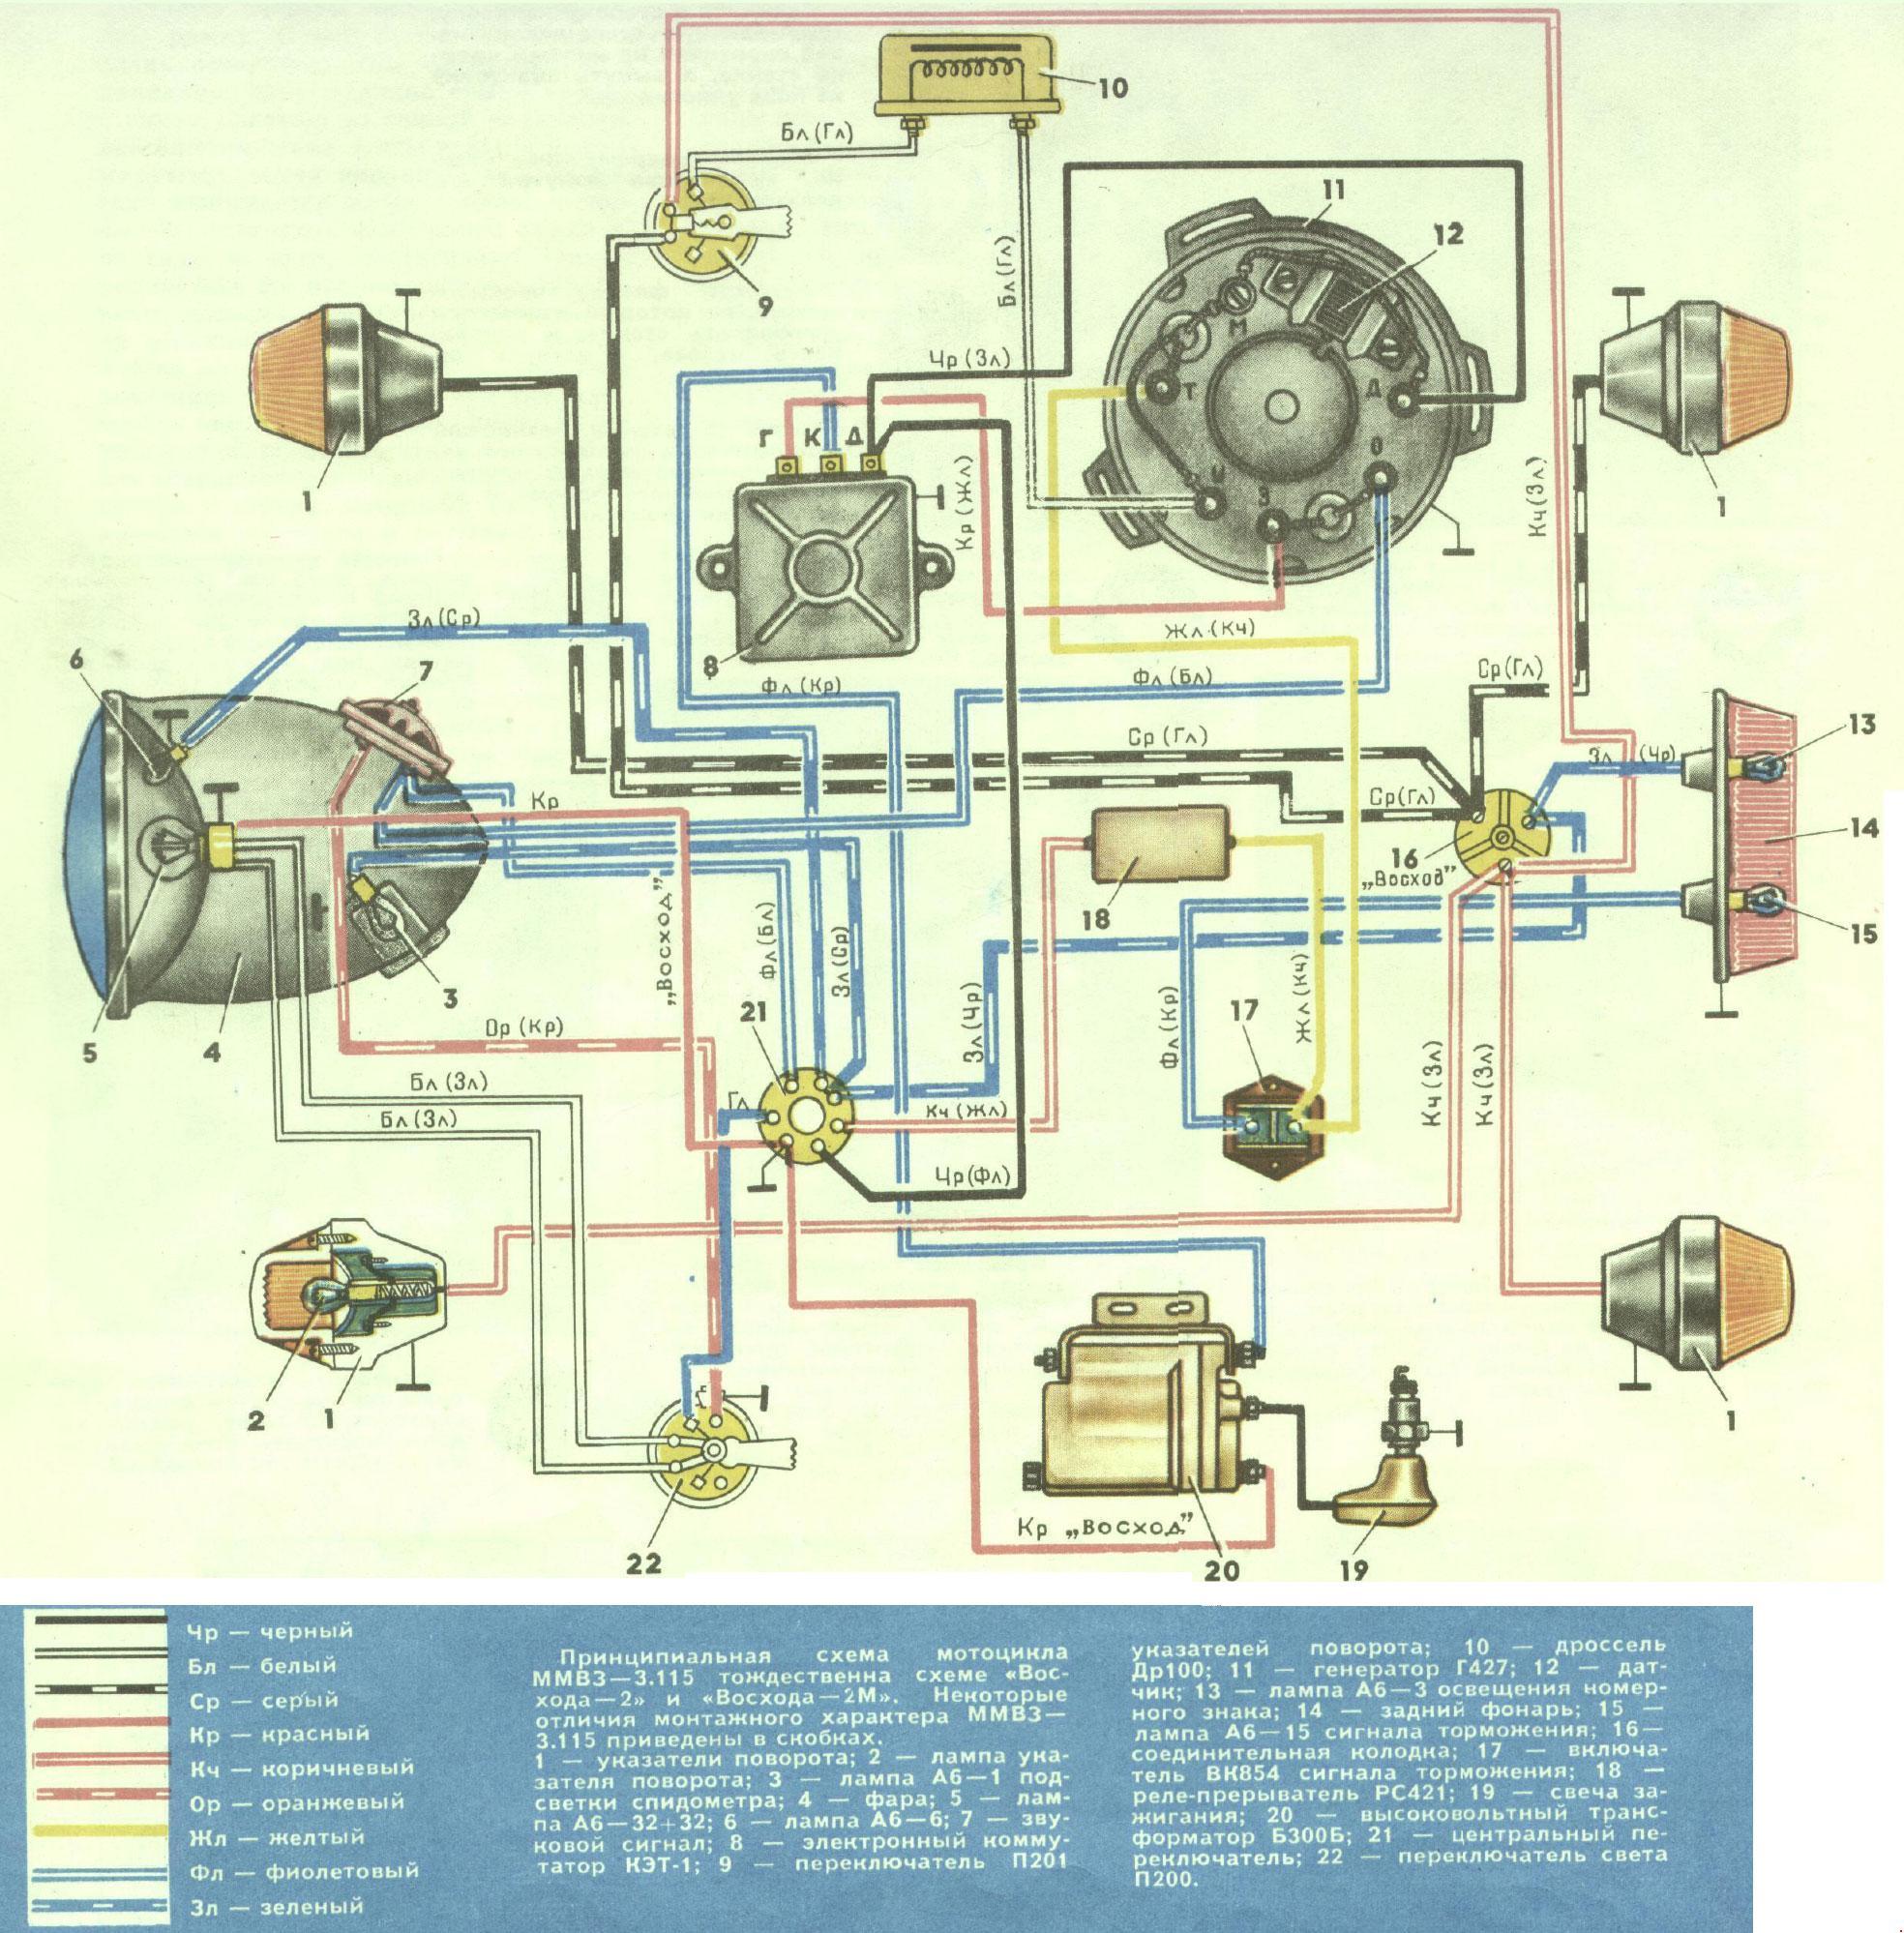 Схема подключения замка зажигания мотоцикла урал